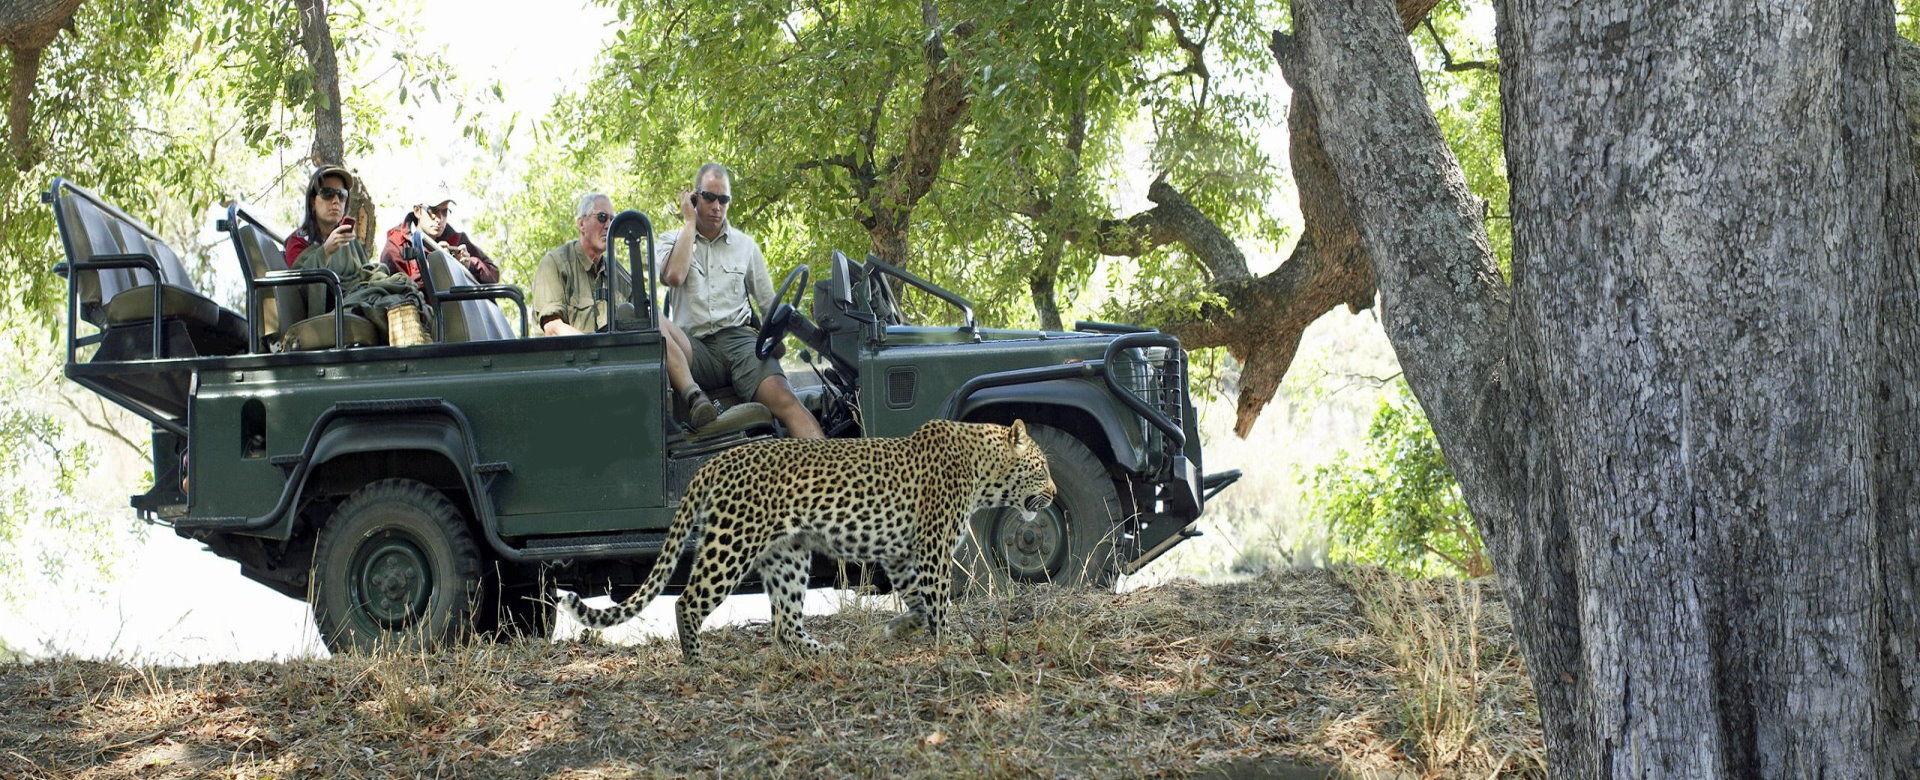 Exclusive Private Safaris - Game Drive